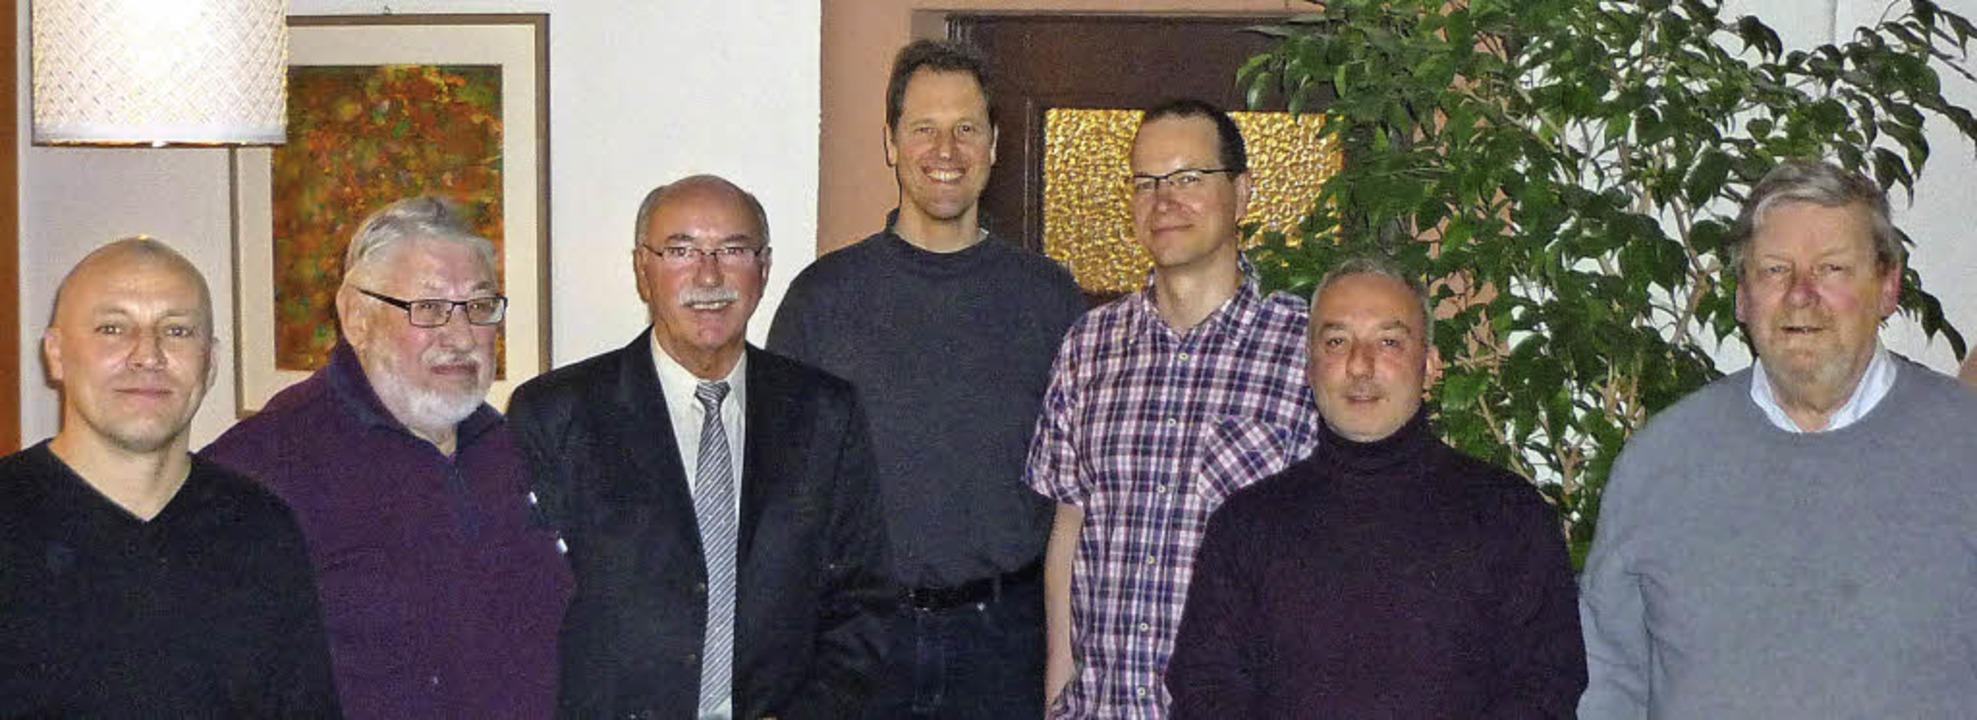 Der Vorstand der Kleinkaliberschützen ...David DeBenedictis und Eberhard Wildt   | Foto: Privat